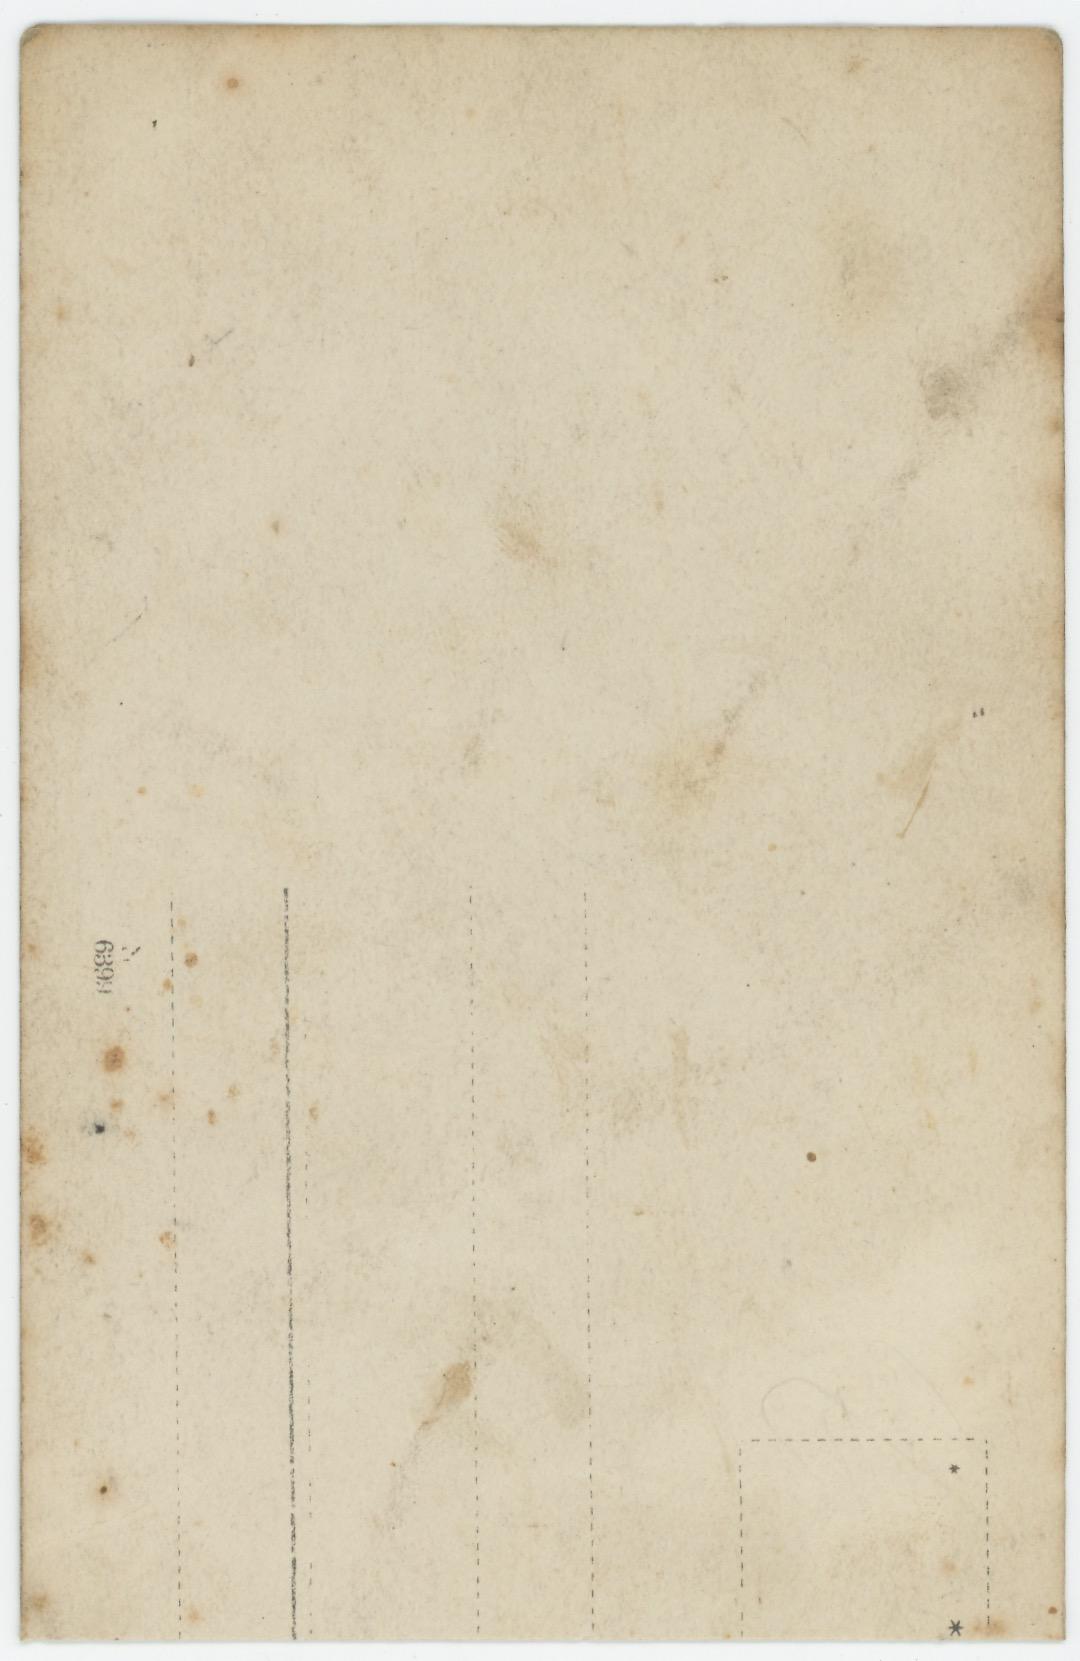 Carte Ancienne Photographie - Guerre 14/18 - Armée Allemande - Infanterie - Prusse / Alsaciens - Conscription - Casque à Pointe - Artillerie - Observation